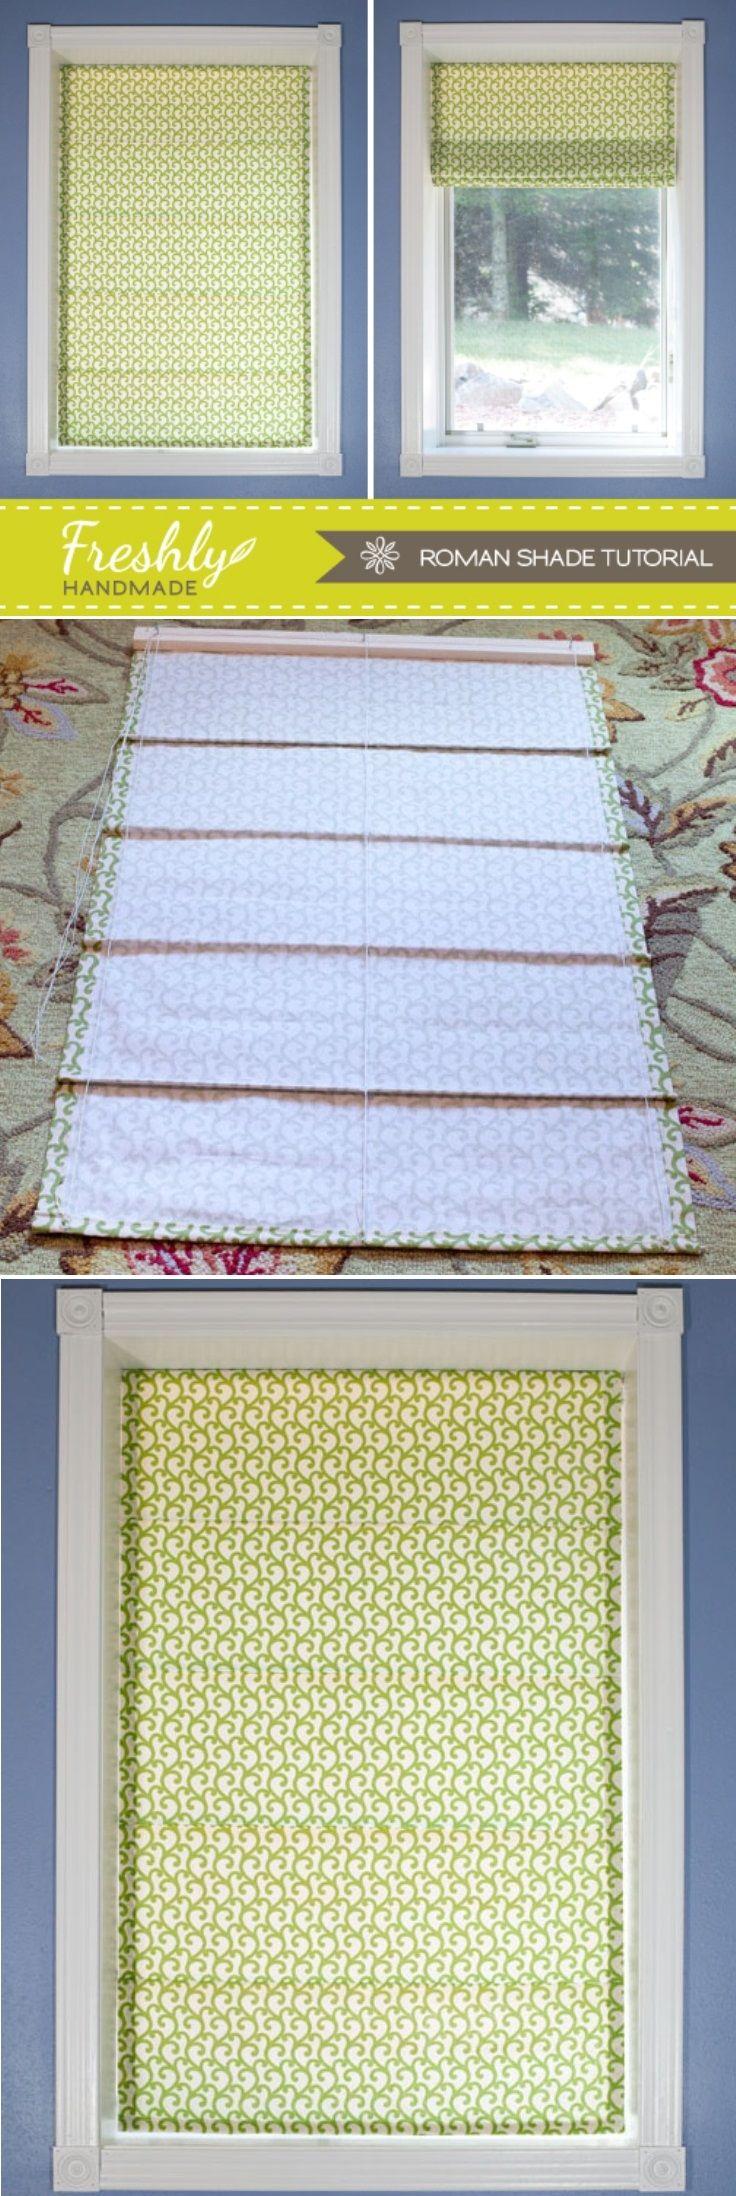 Small window decor  dfadfaddeeaccfag  pixel  tende  pinterest